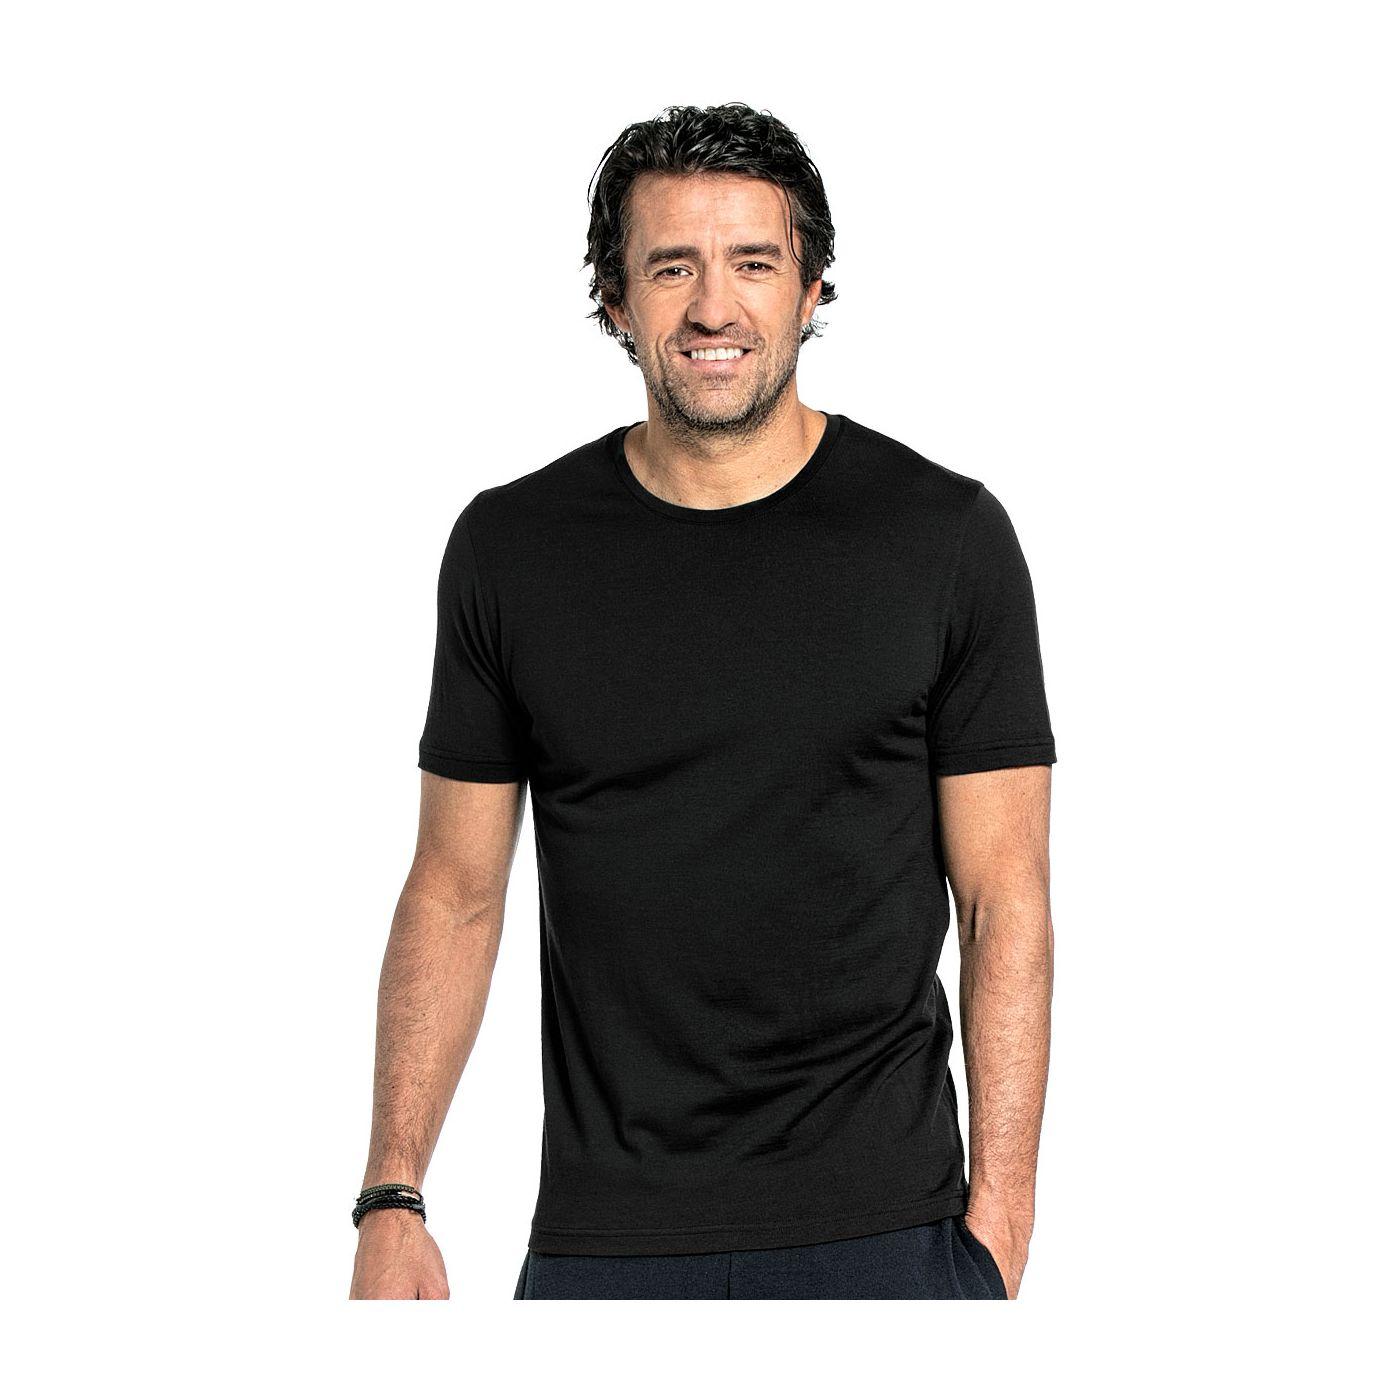 T-shirt voor mannen gemaakt van merinowol in het Zwart